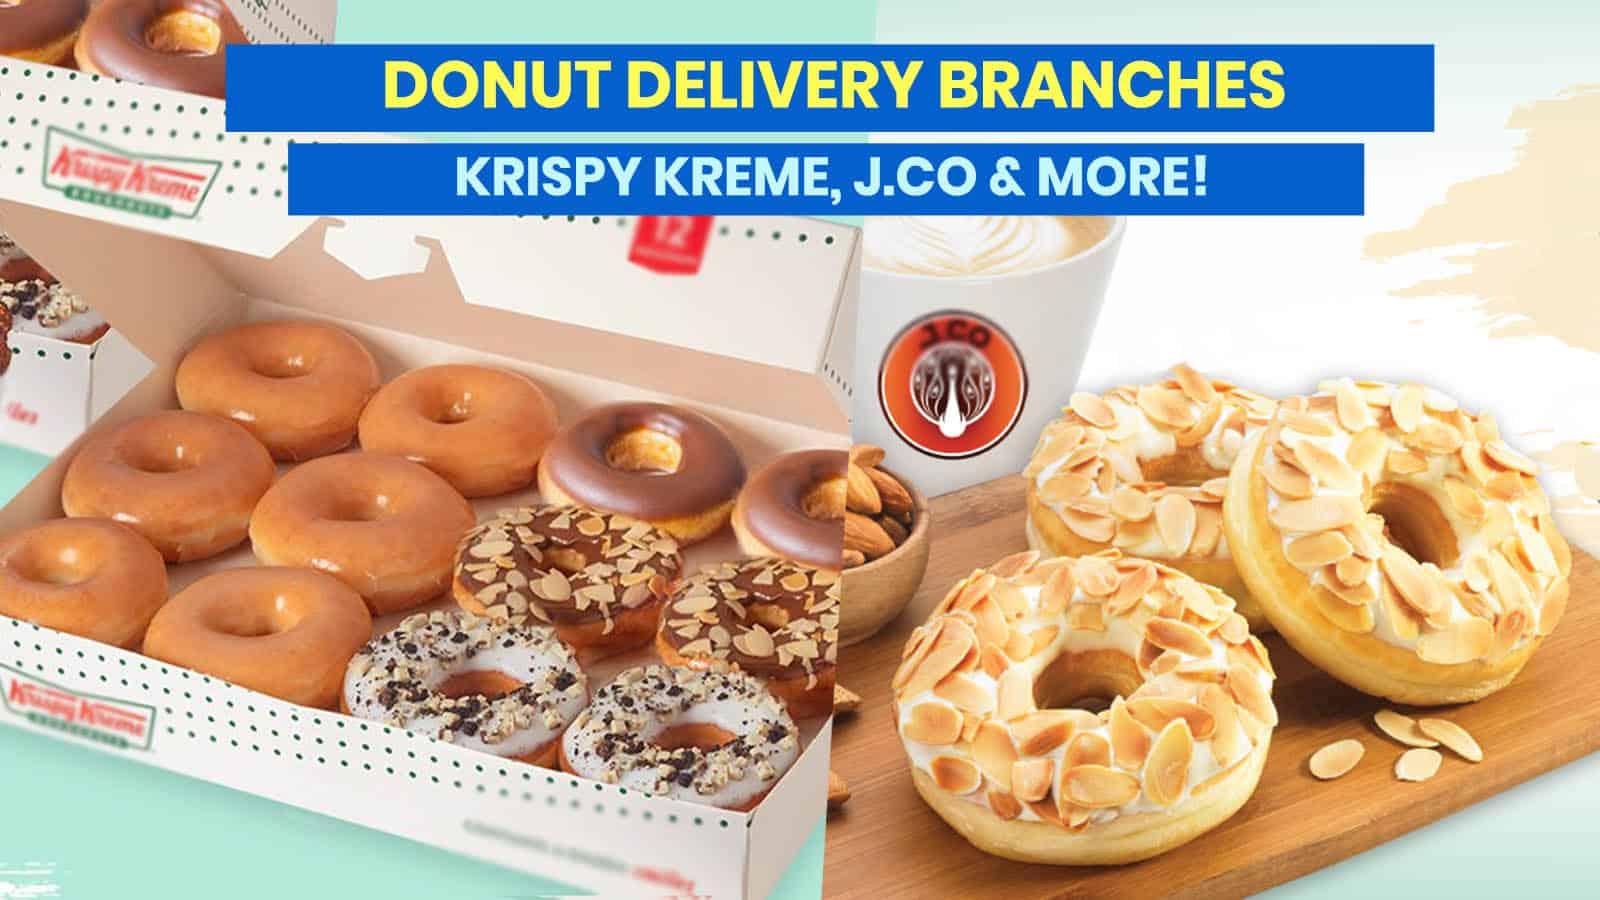 甜甜圈配送:Krispy Kreme、J.Co、Dunkin'等公司的开放分支机构!  穷游者行程博客